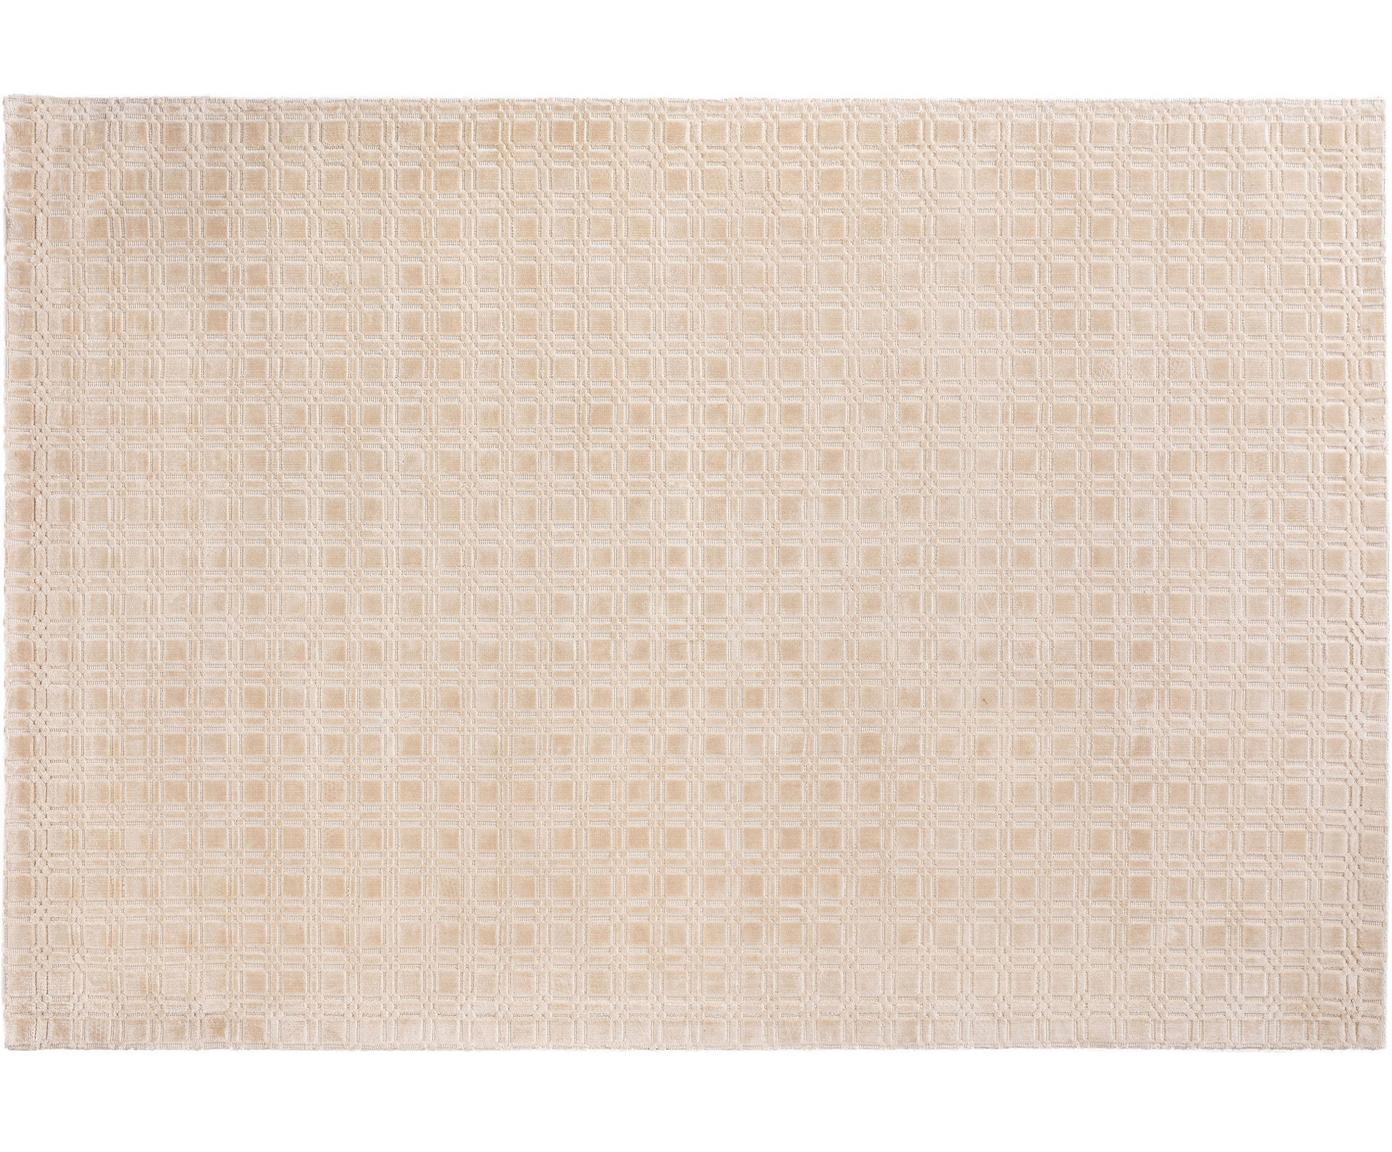 Handgeweven viscose vloerkleed Nelson, pluizig glanzend, Viscose, Crèmekleurig, B 140 x L 200 cm (maat S)